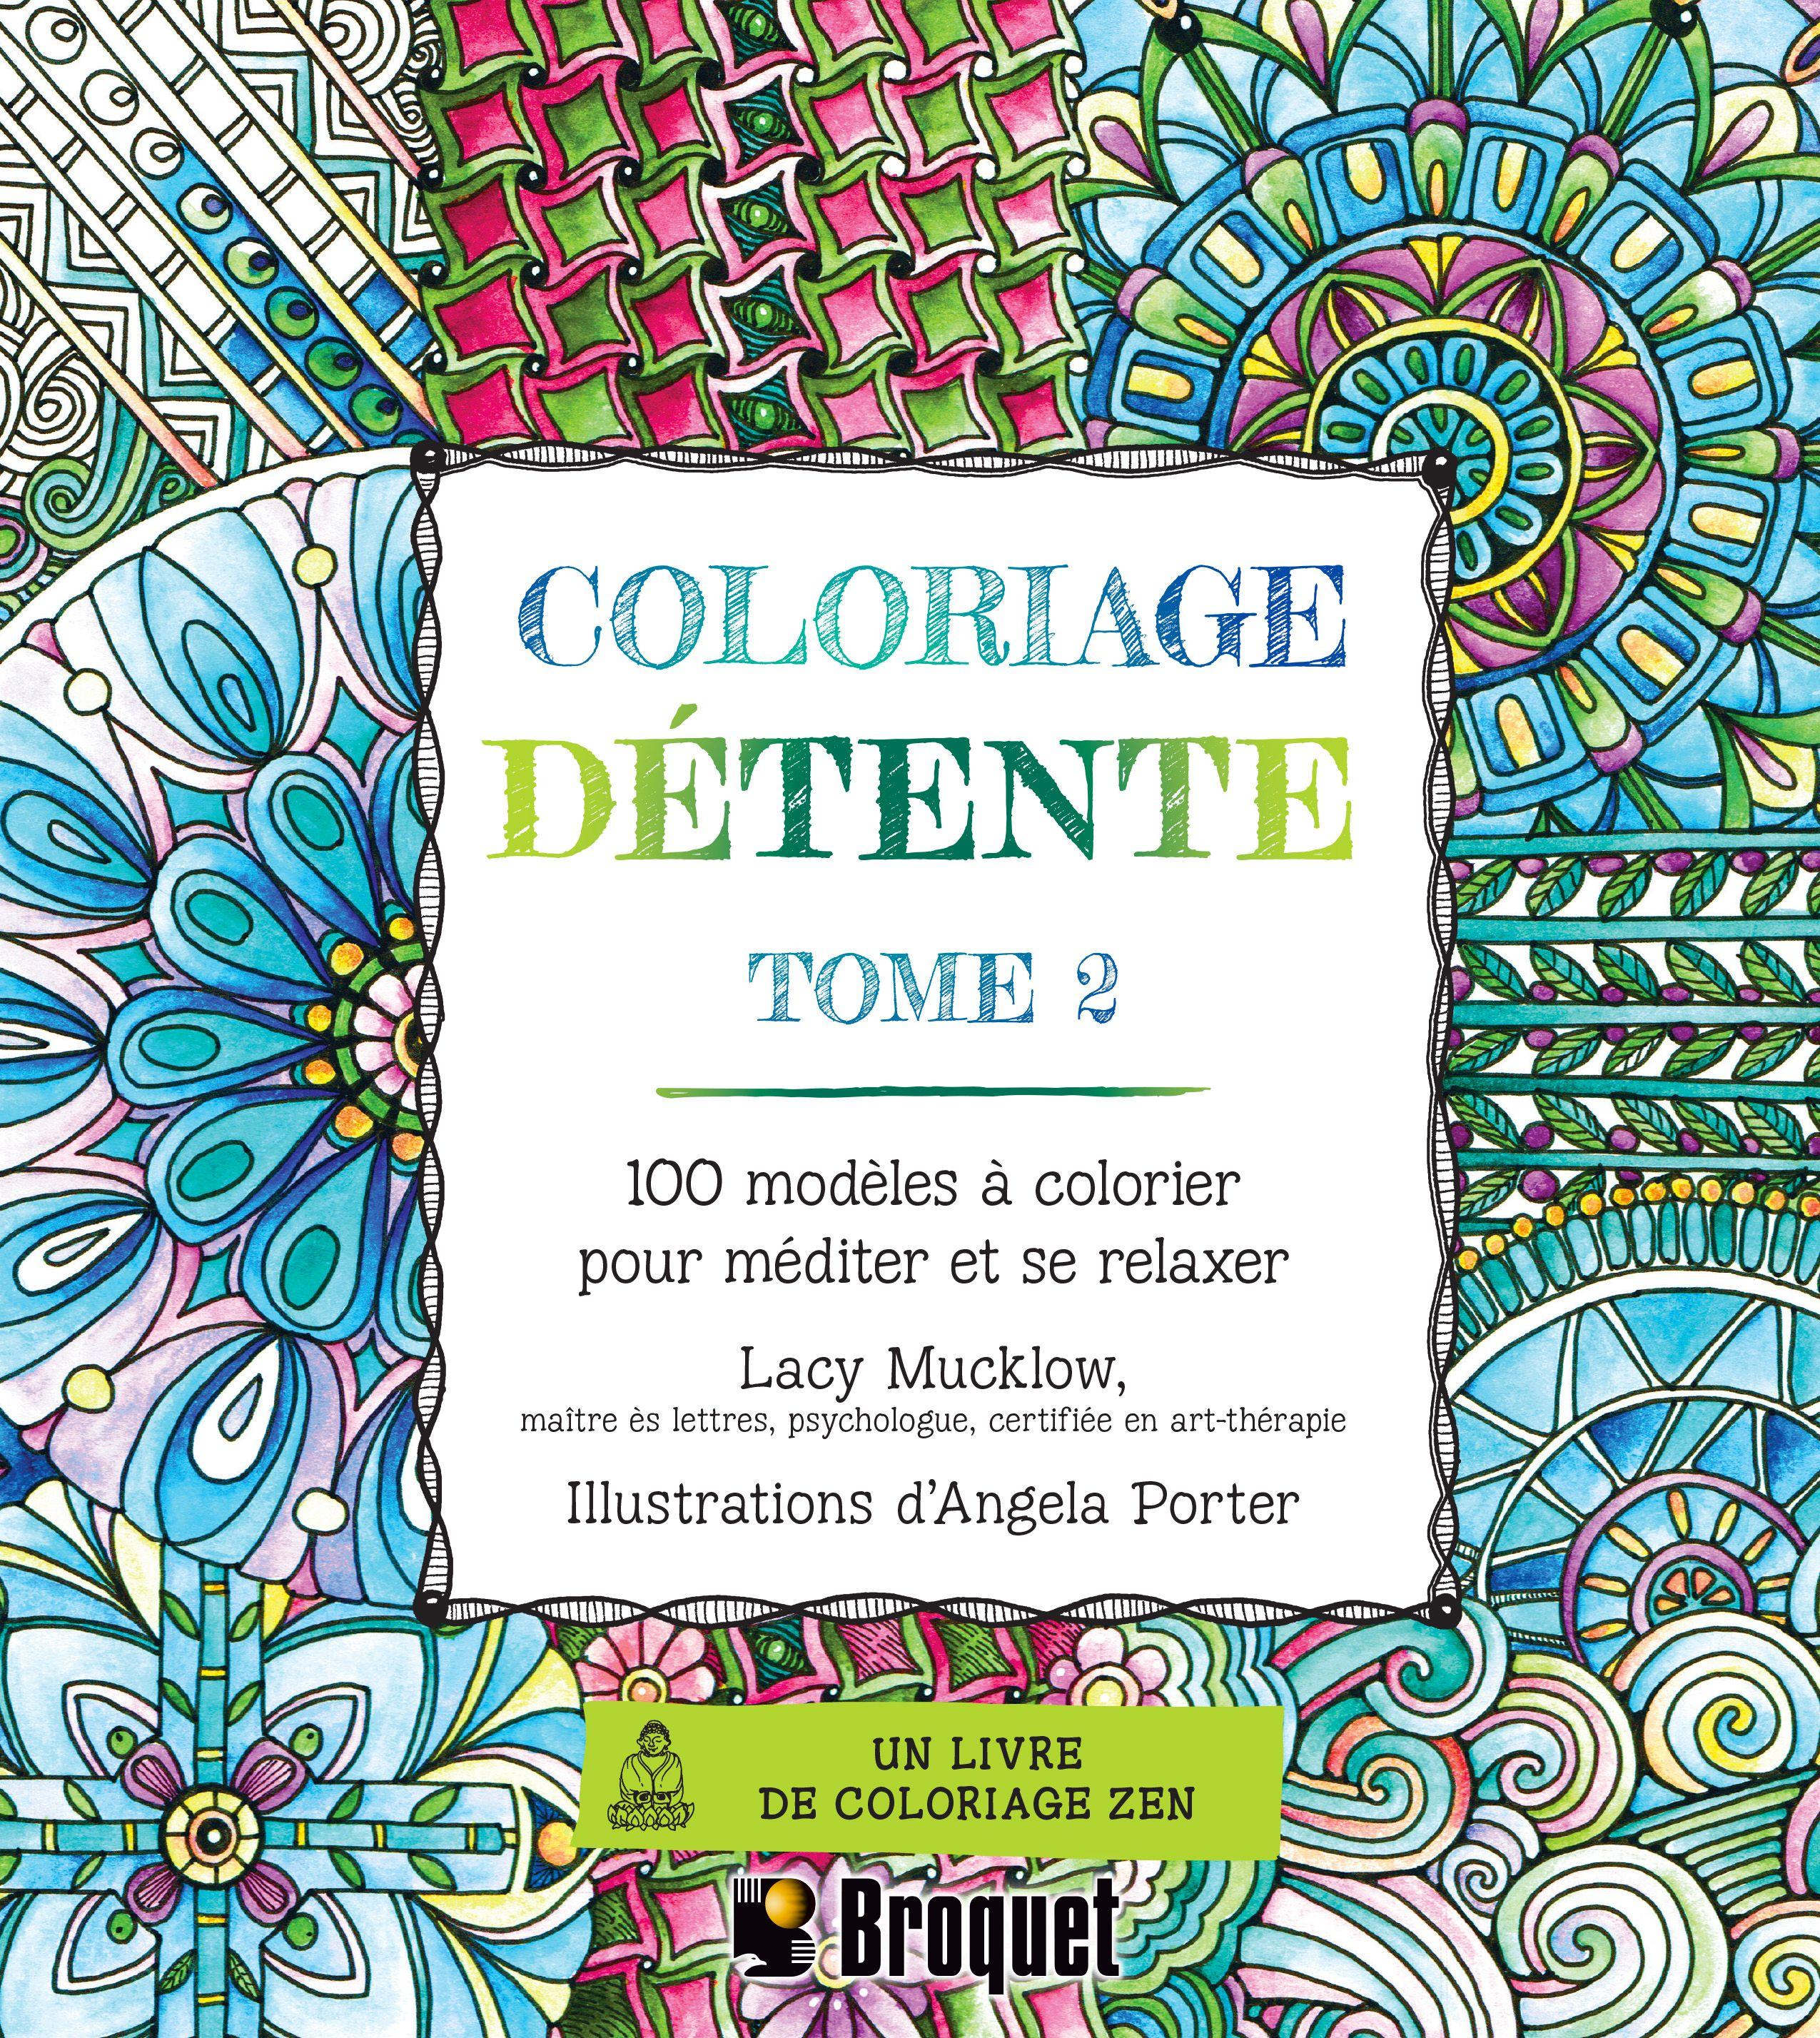 coloriage dtente tome 2 prs de 100 modles colorier pour mditer et se relaxer - Coloriage Dtente